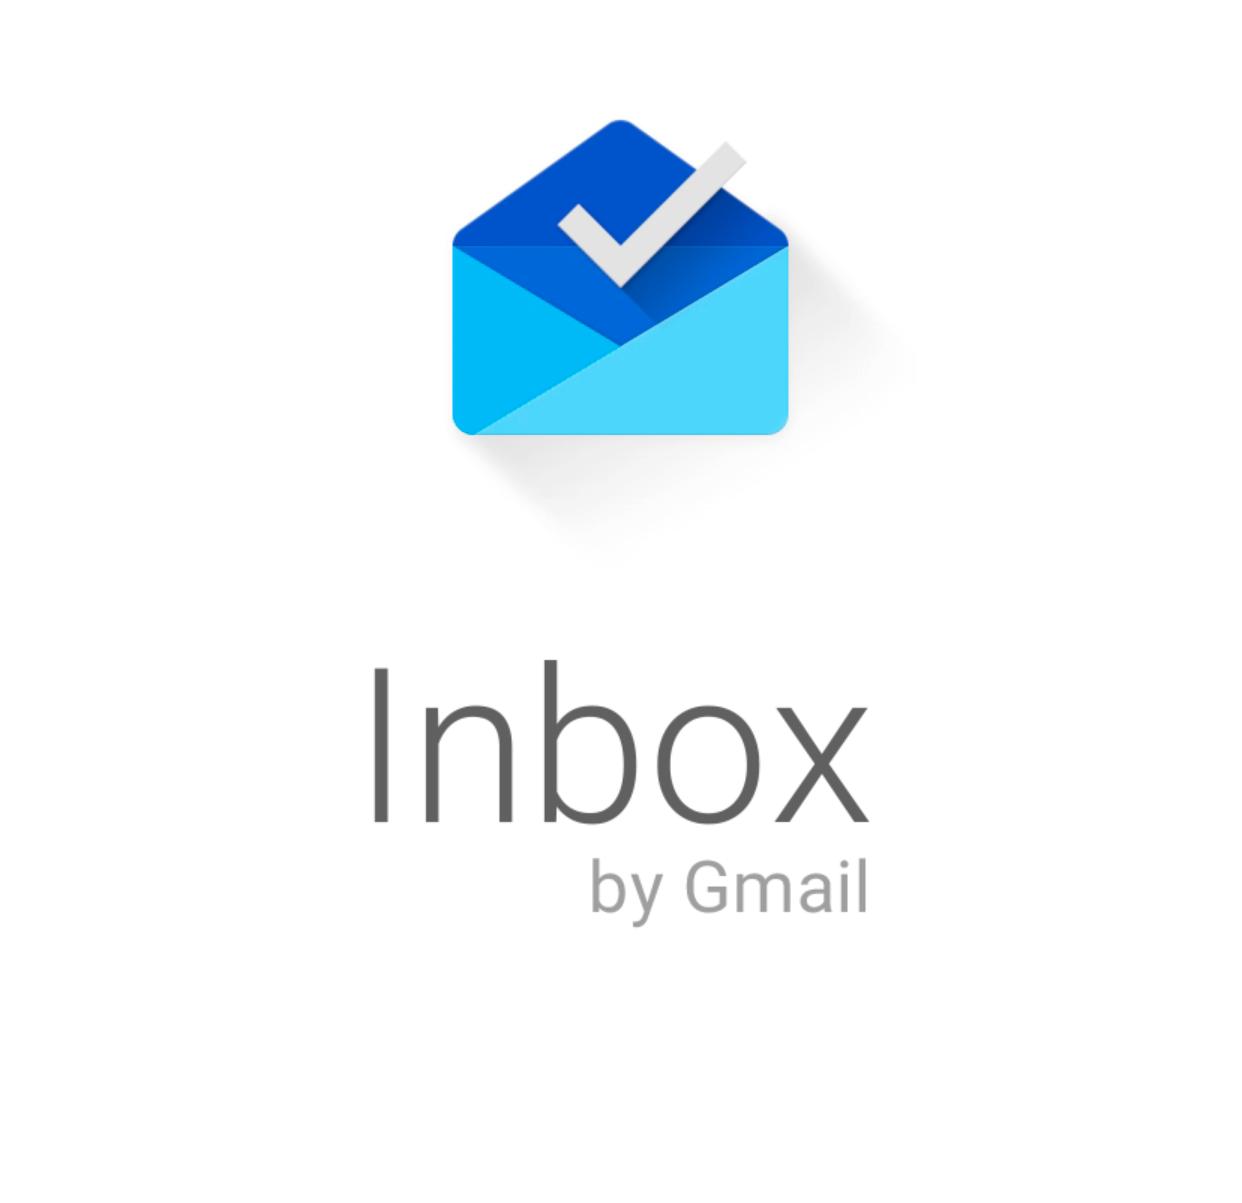 Inbox el correo electrónico de Google